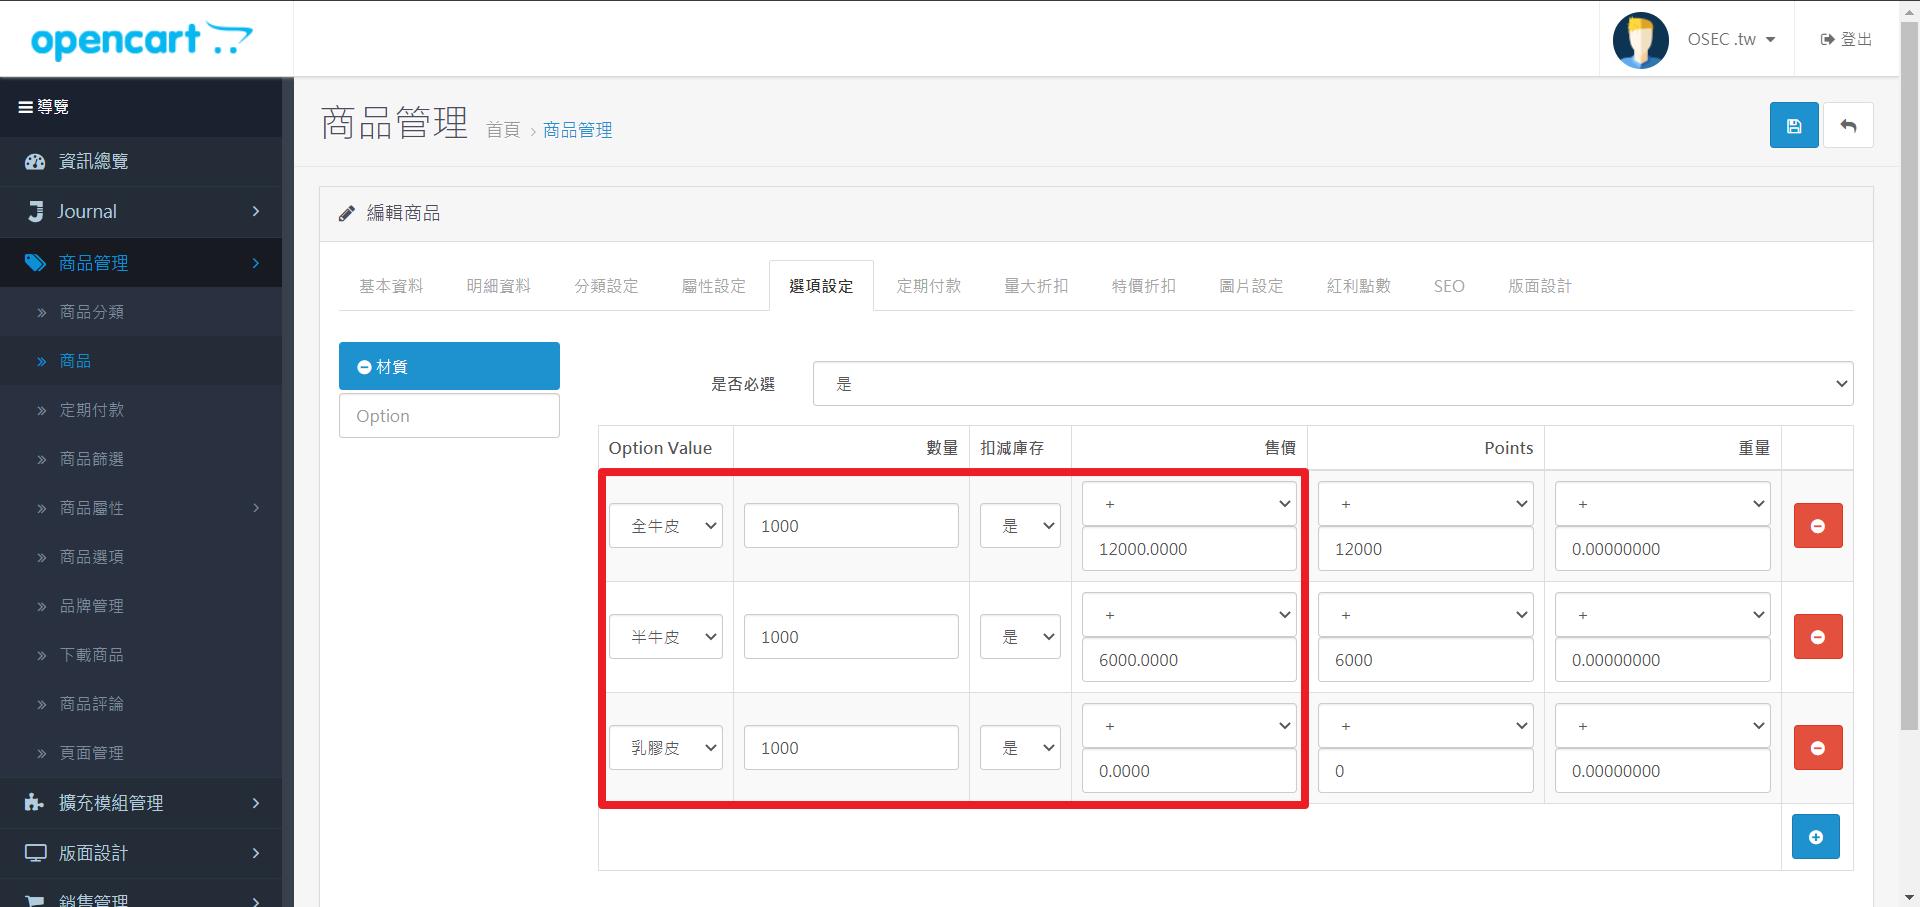 OpenCart 為商品設定商品選項及選項值